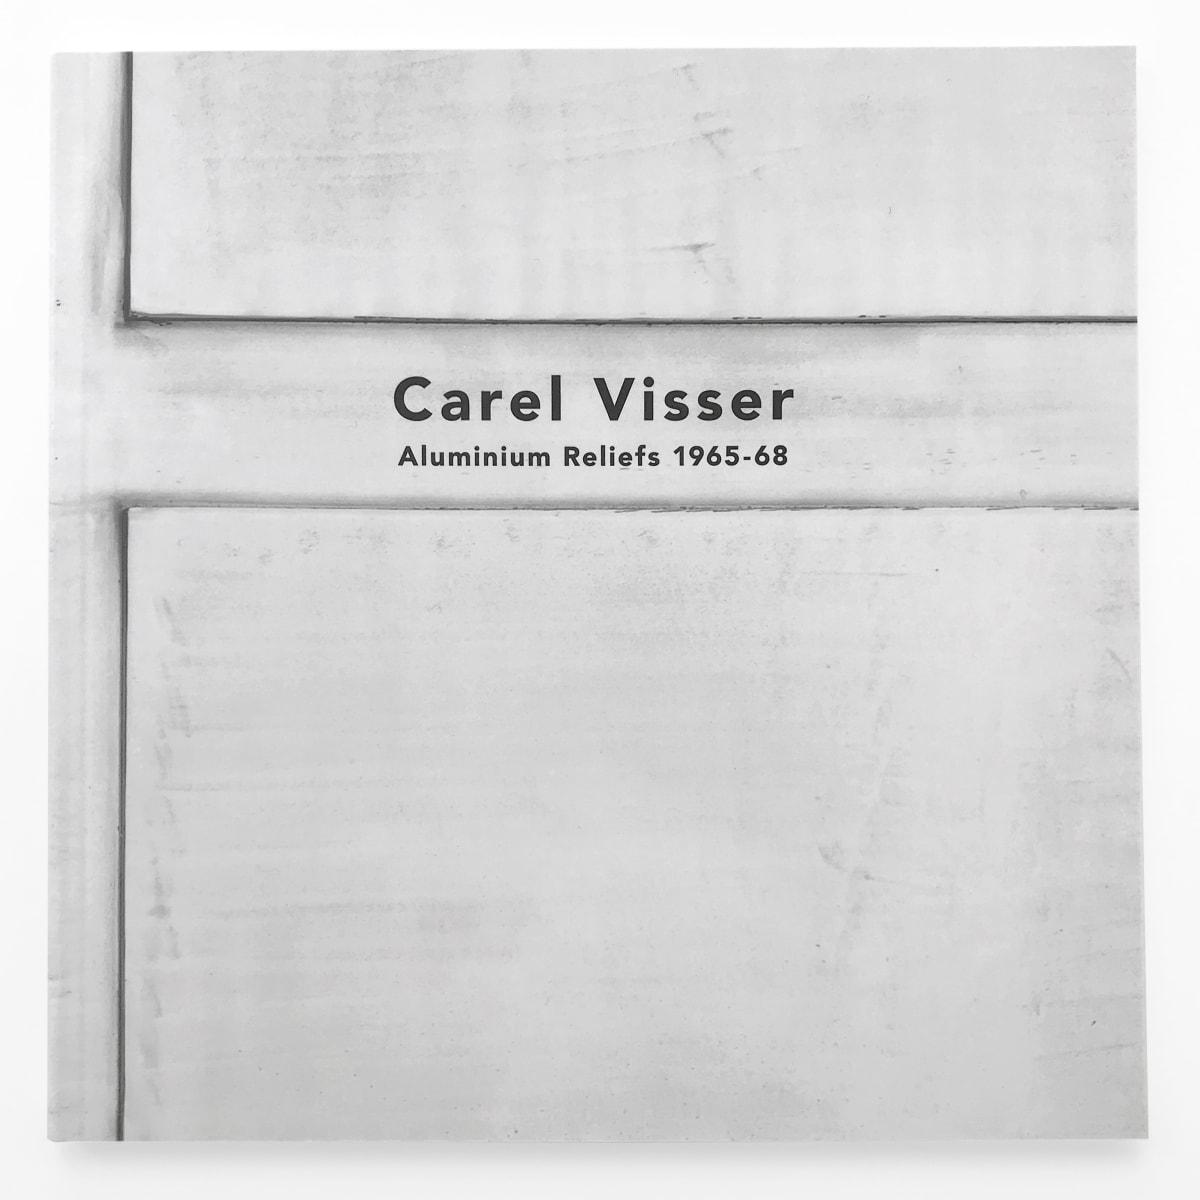 CAREL VISSER